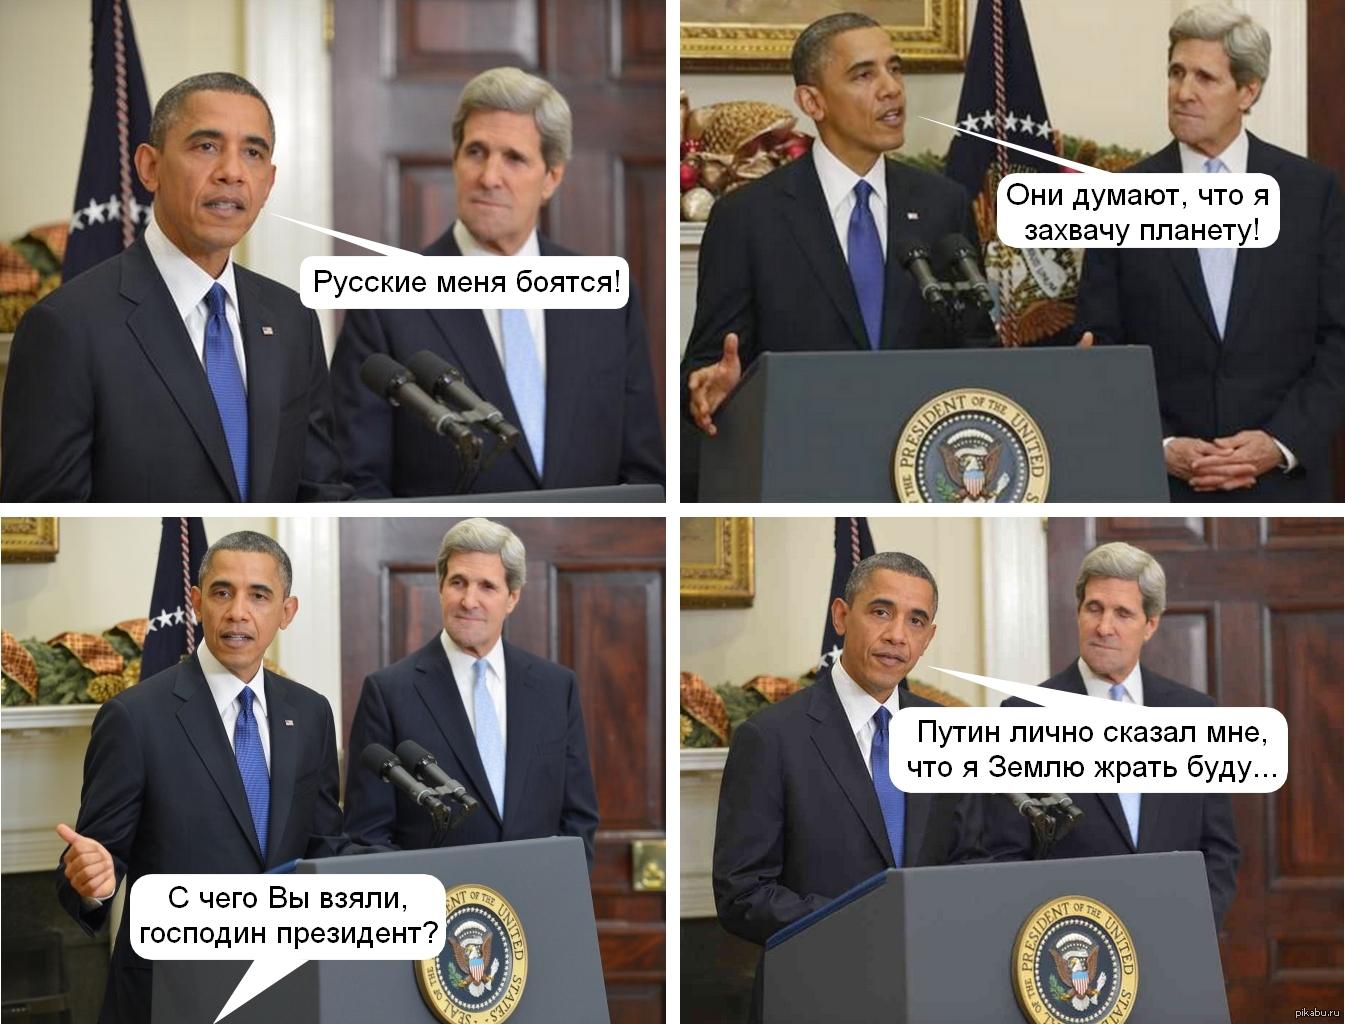 Смешные картинки про президентов с надписями, поздравления